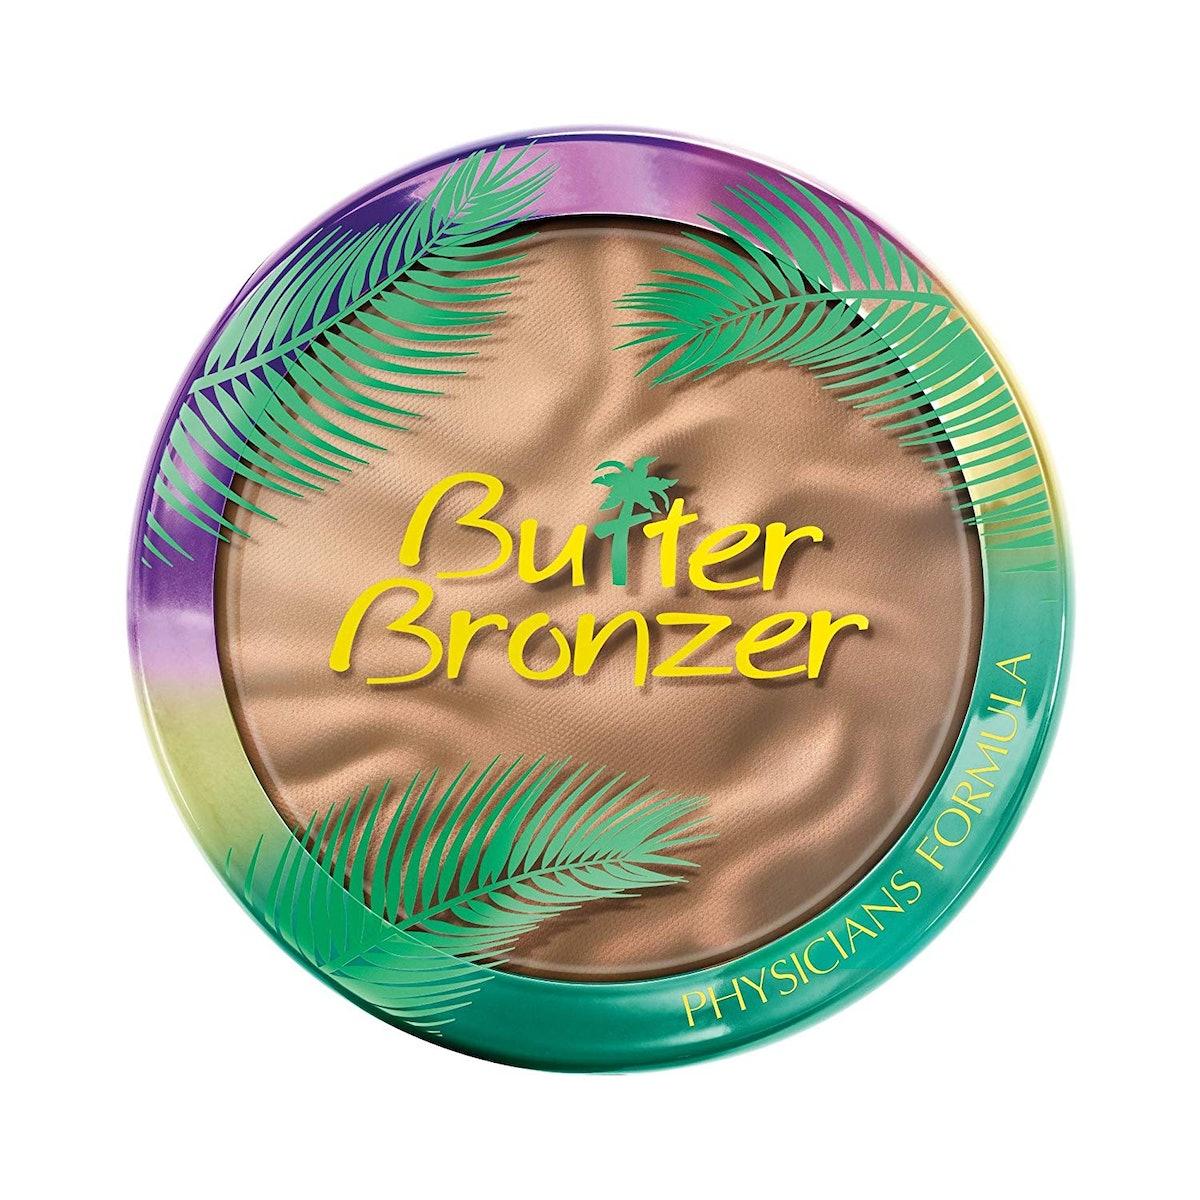 Physician's Formula Butter Bronzer, Bronzer